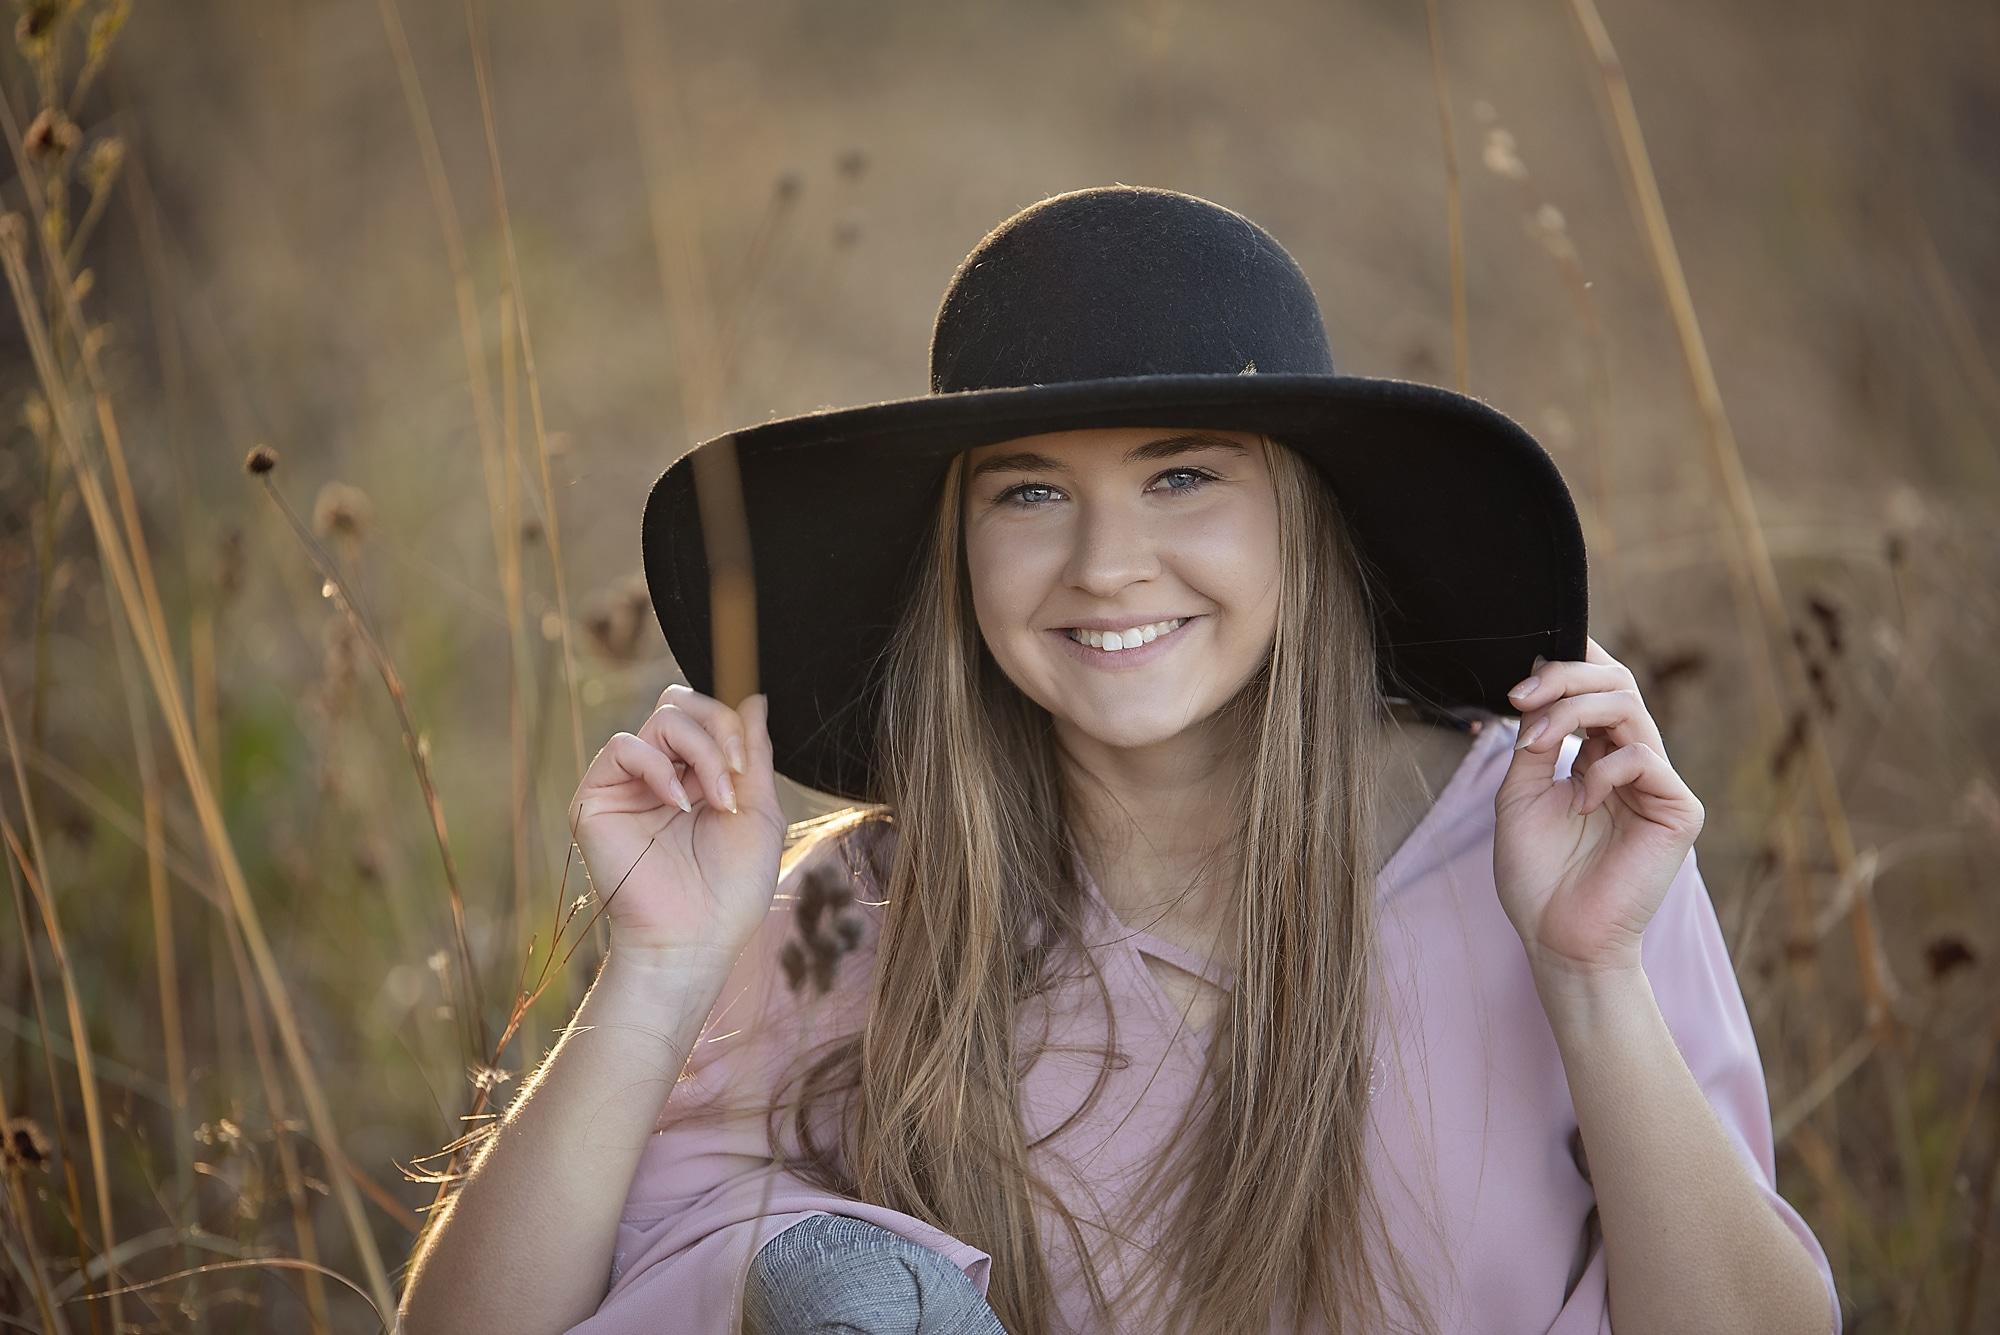 Fashion girl fun hat senior photo in prairie grass.